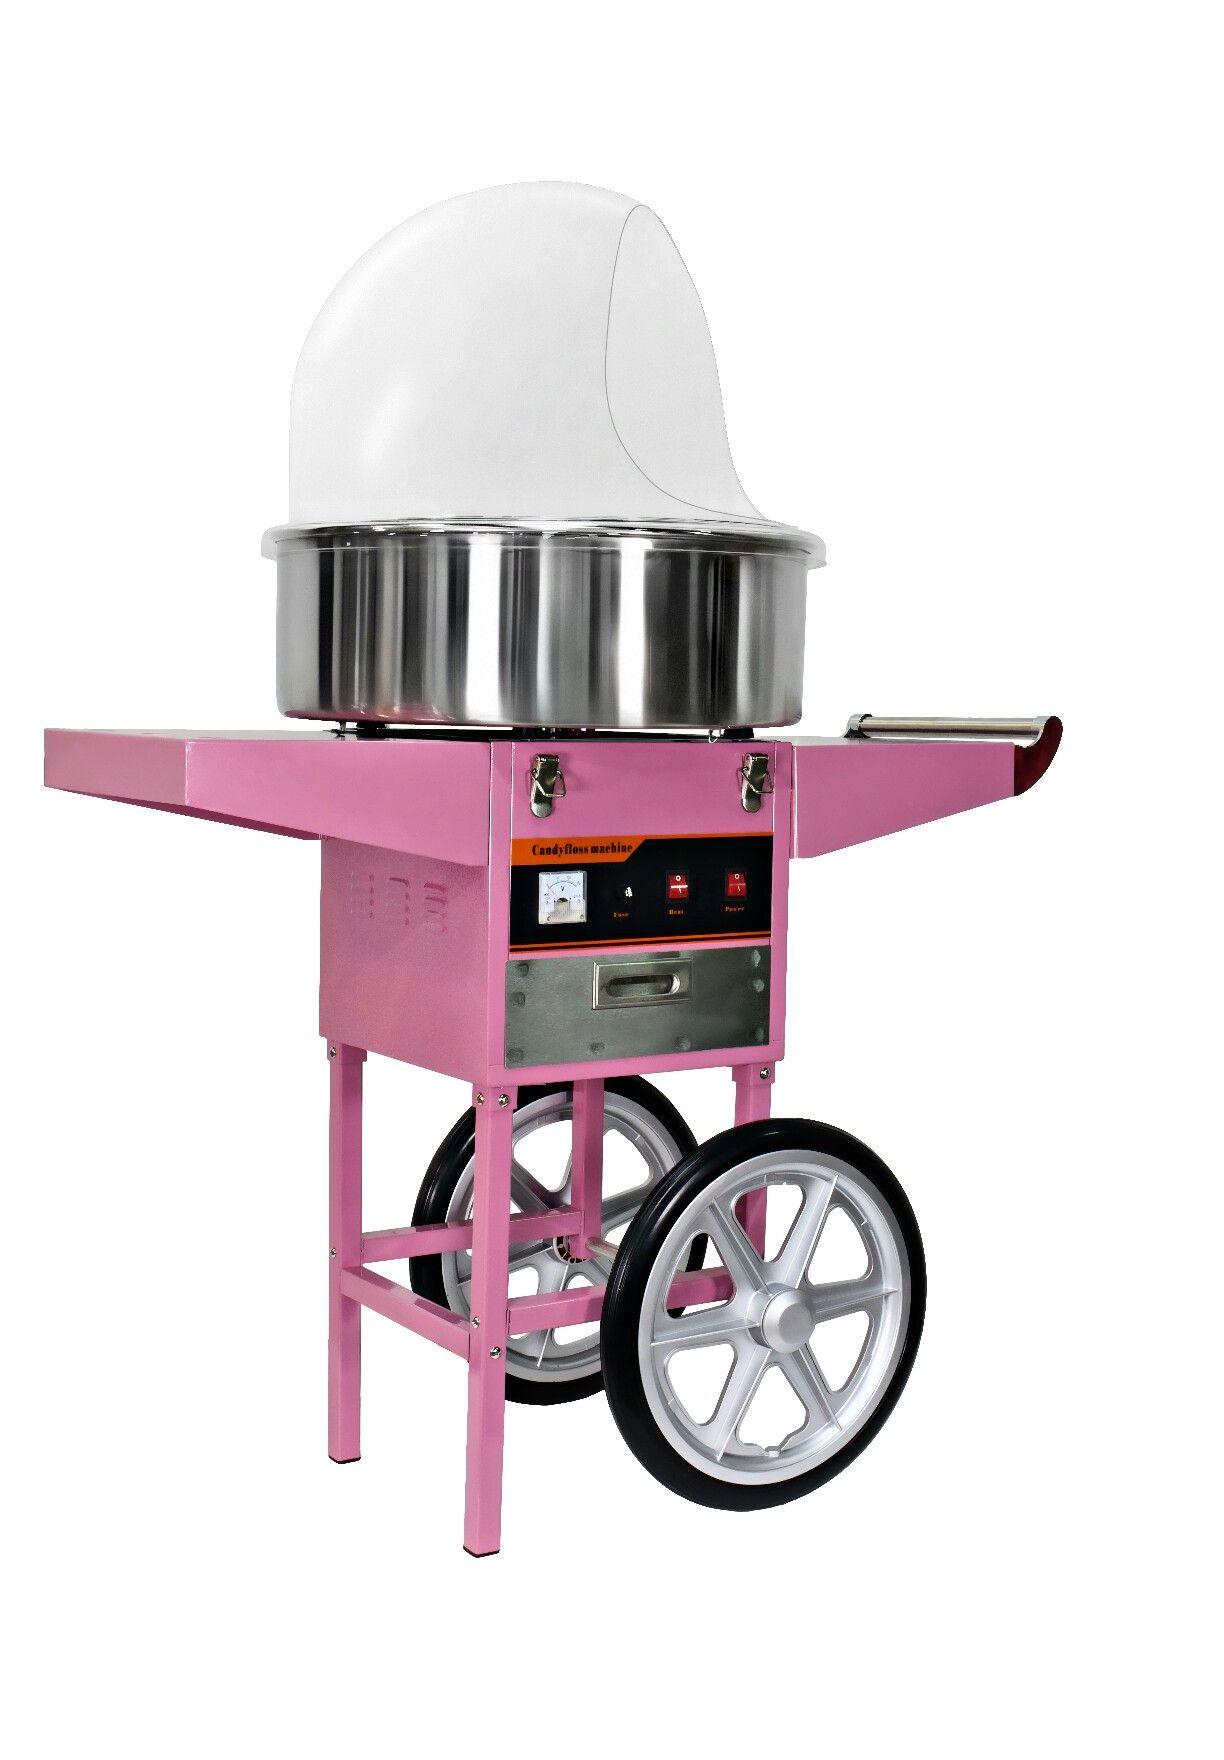 Suikerspinmachine te huur http://www.partyverhuurpicobello.nl/producten/suikerspinmachines/17-suikerspinmachine.html